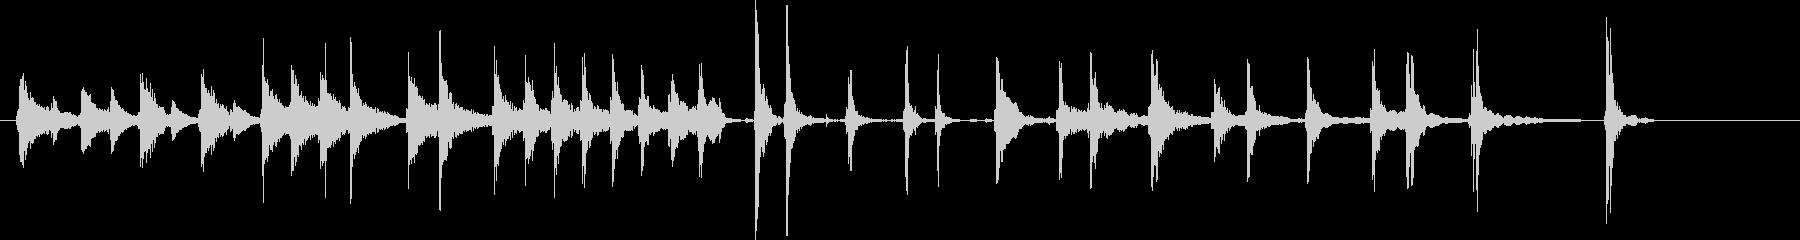 三味線245即興ジングル和風宇宙人不思議の未再生の波形